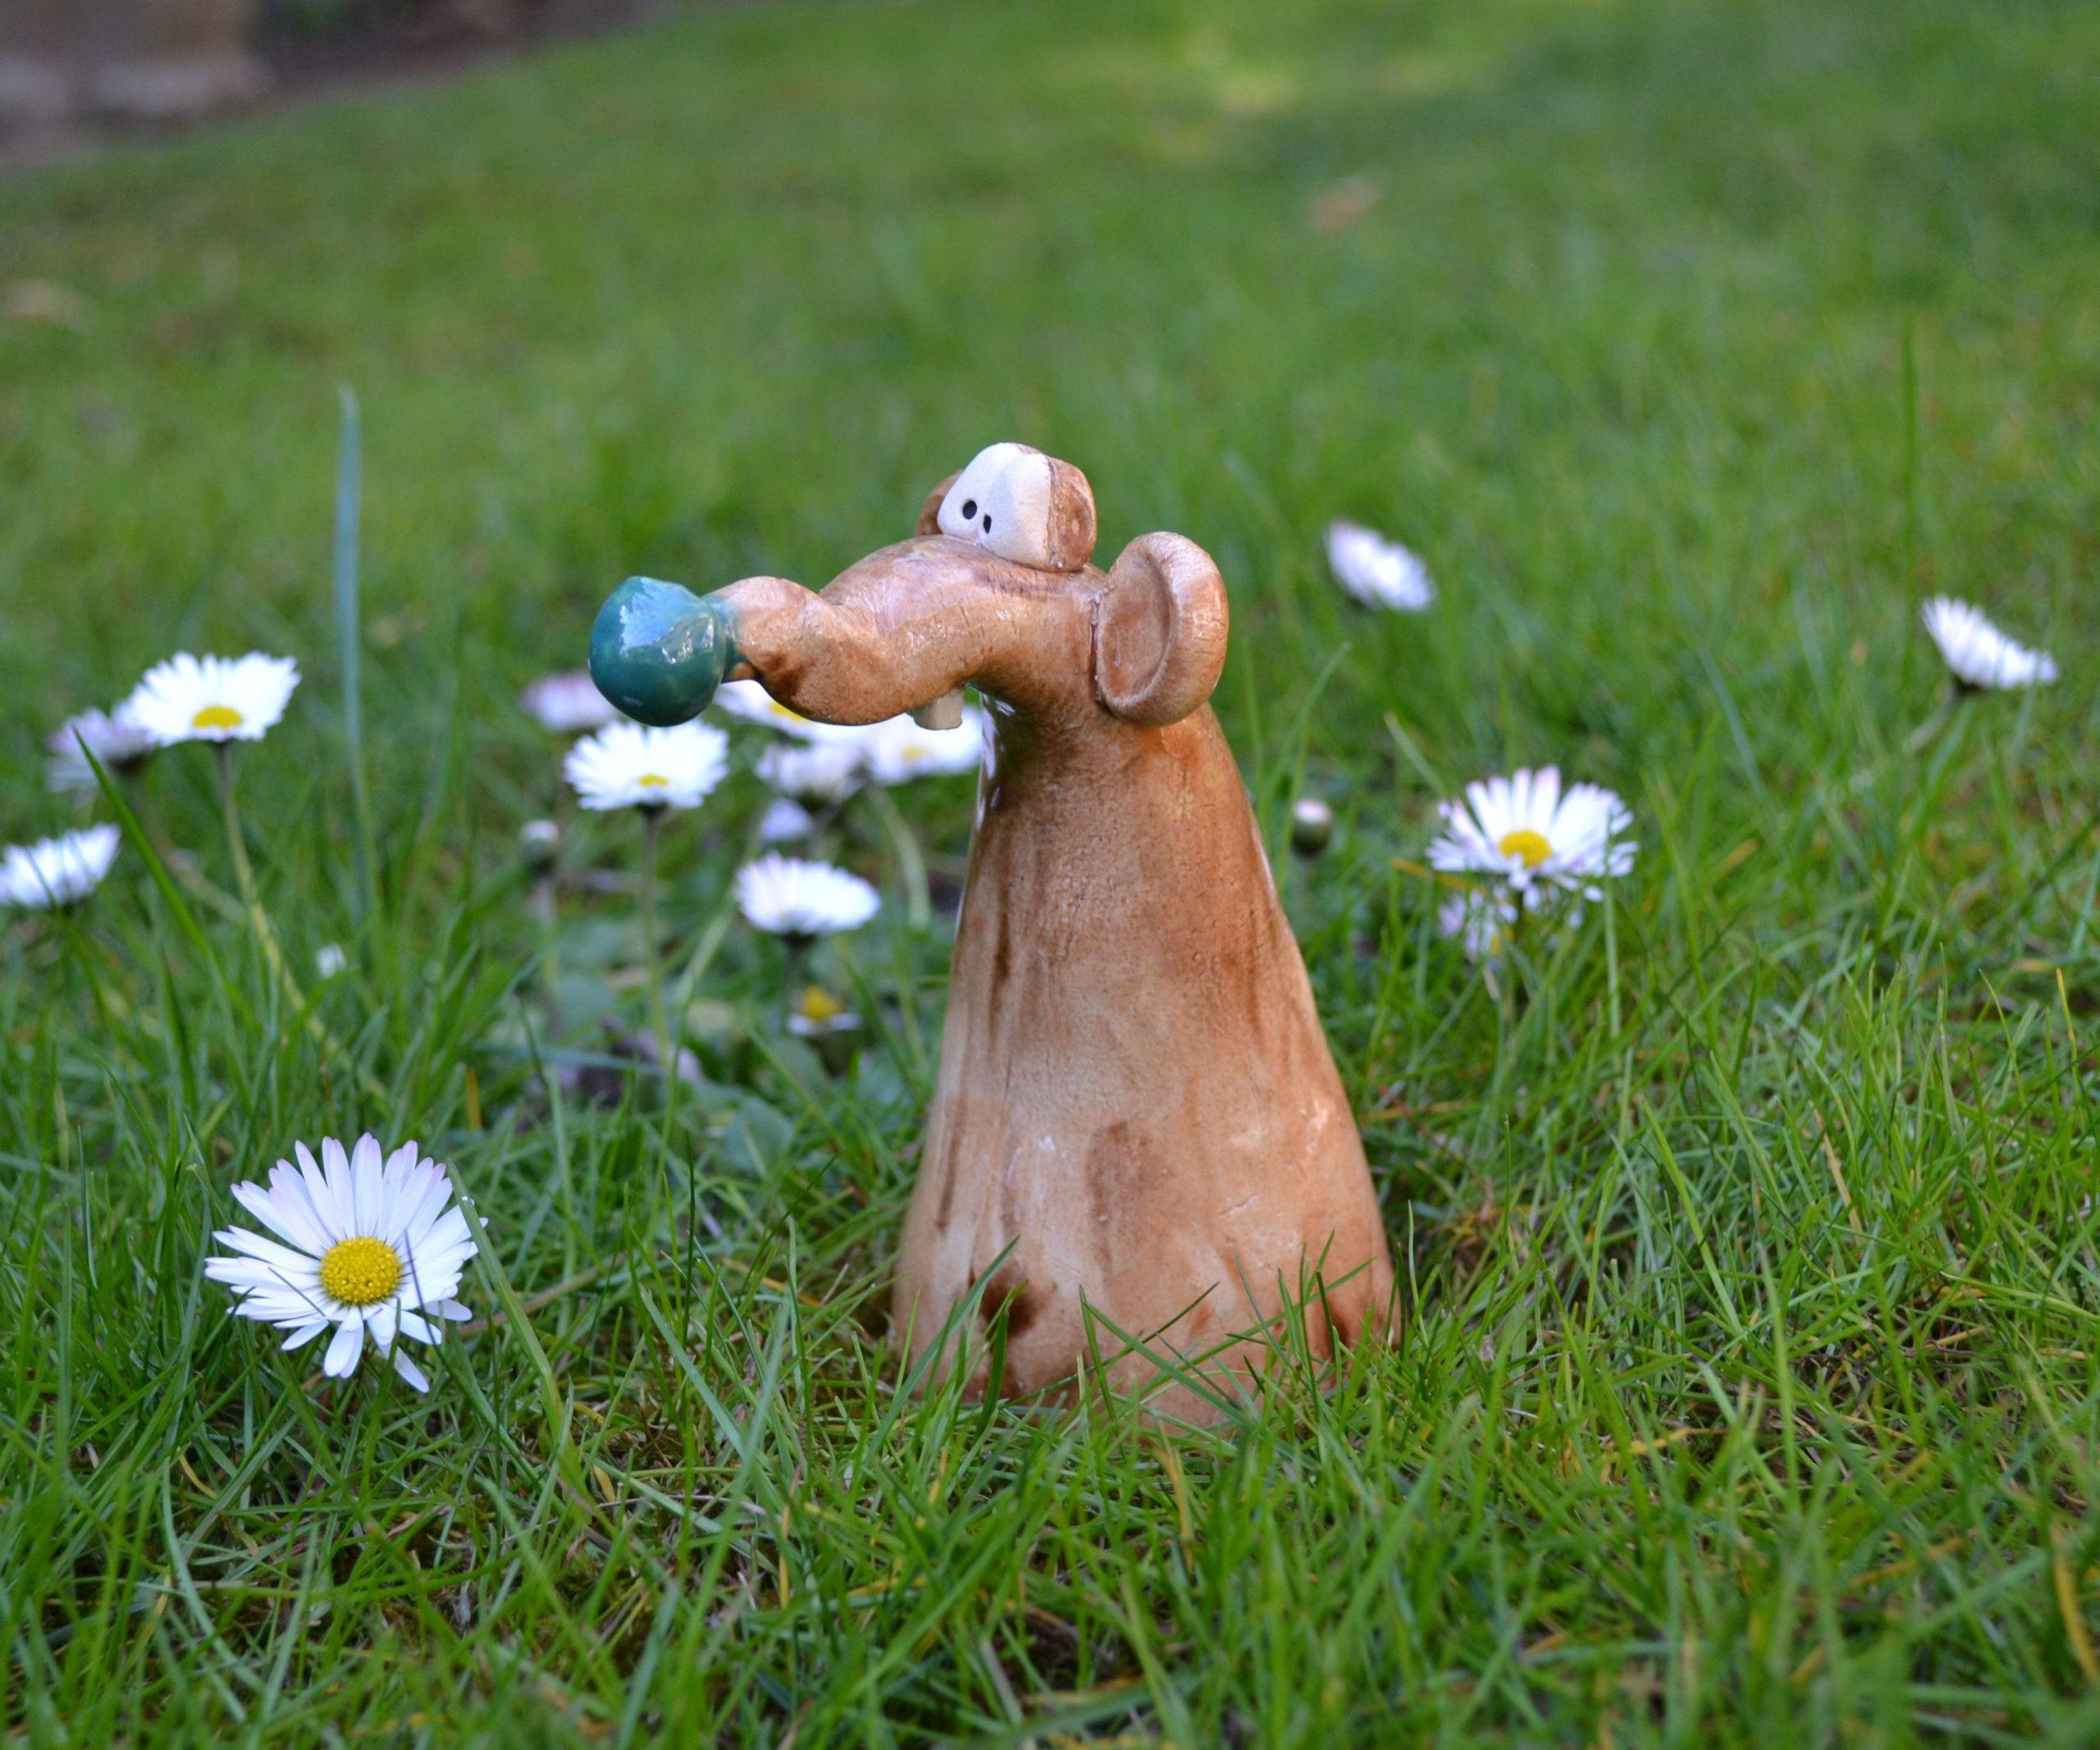 Gartendeko Keramik Schön Keramik Gartendeko Süße Maus Max In 2019